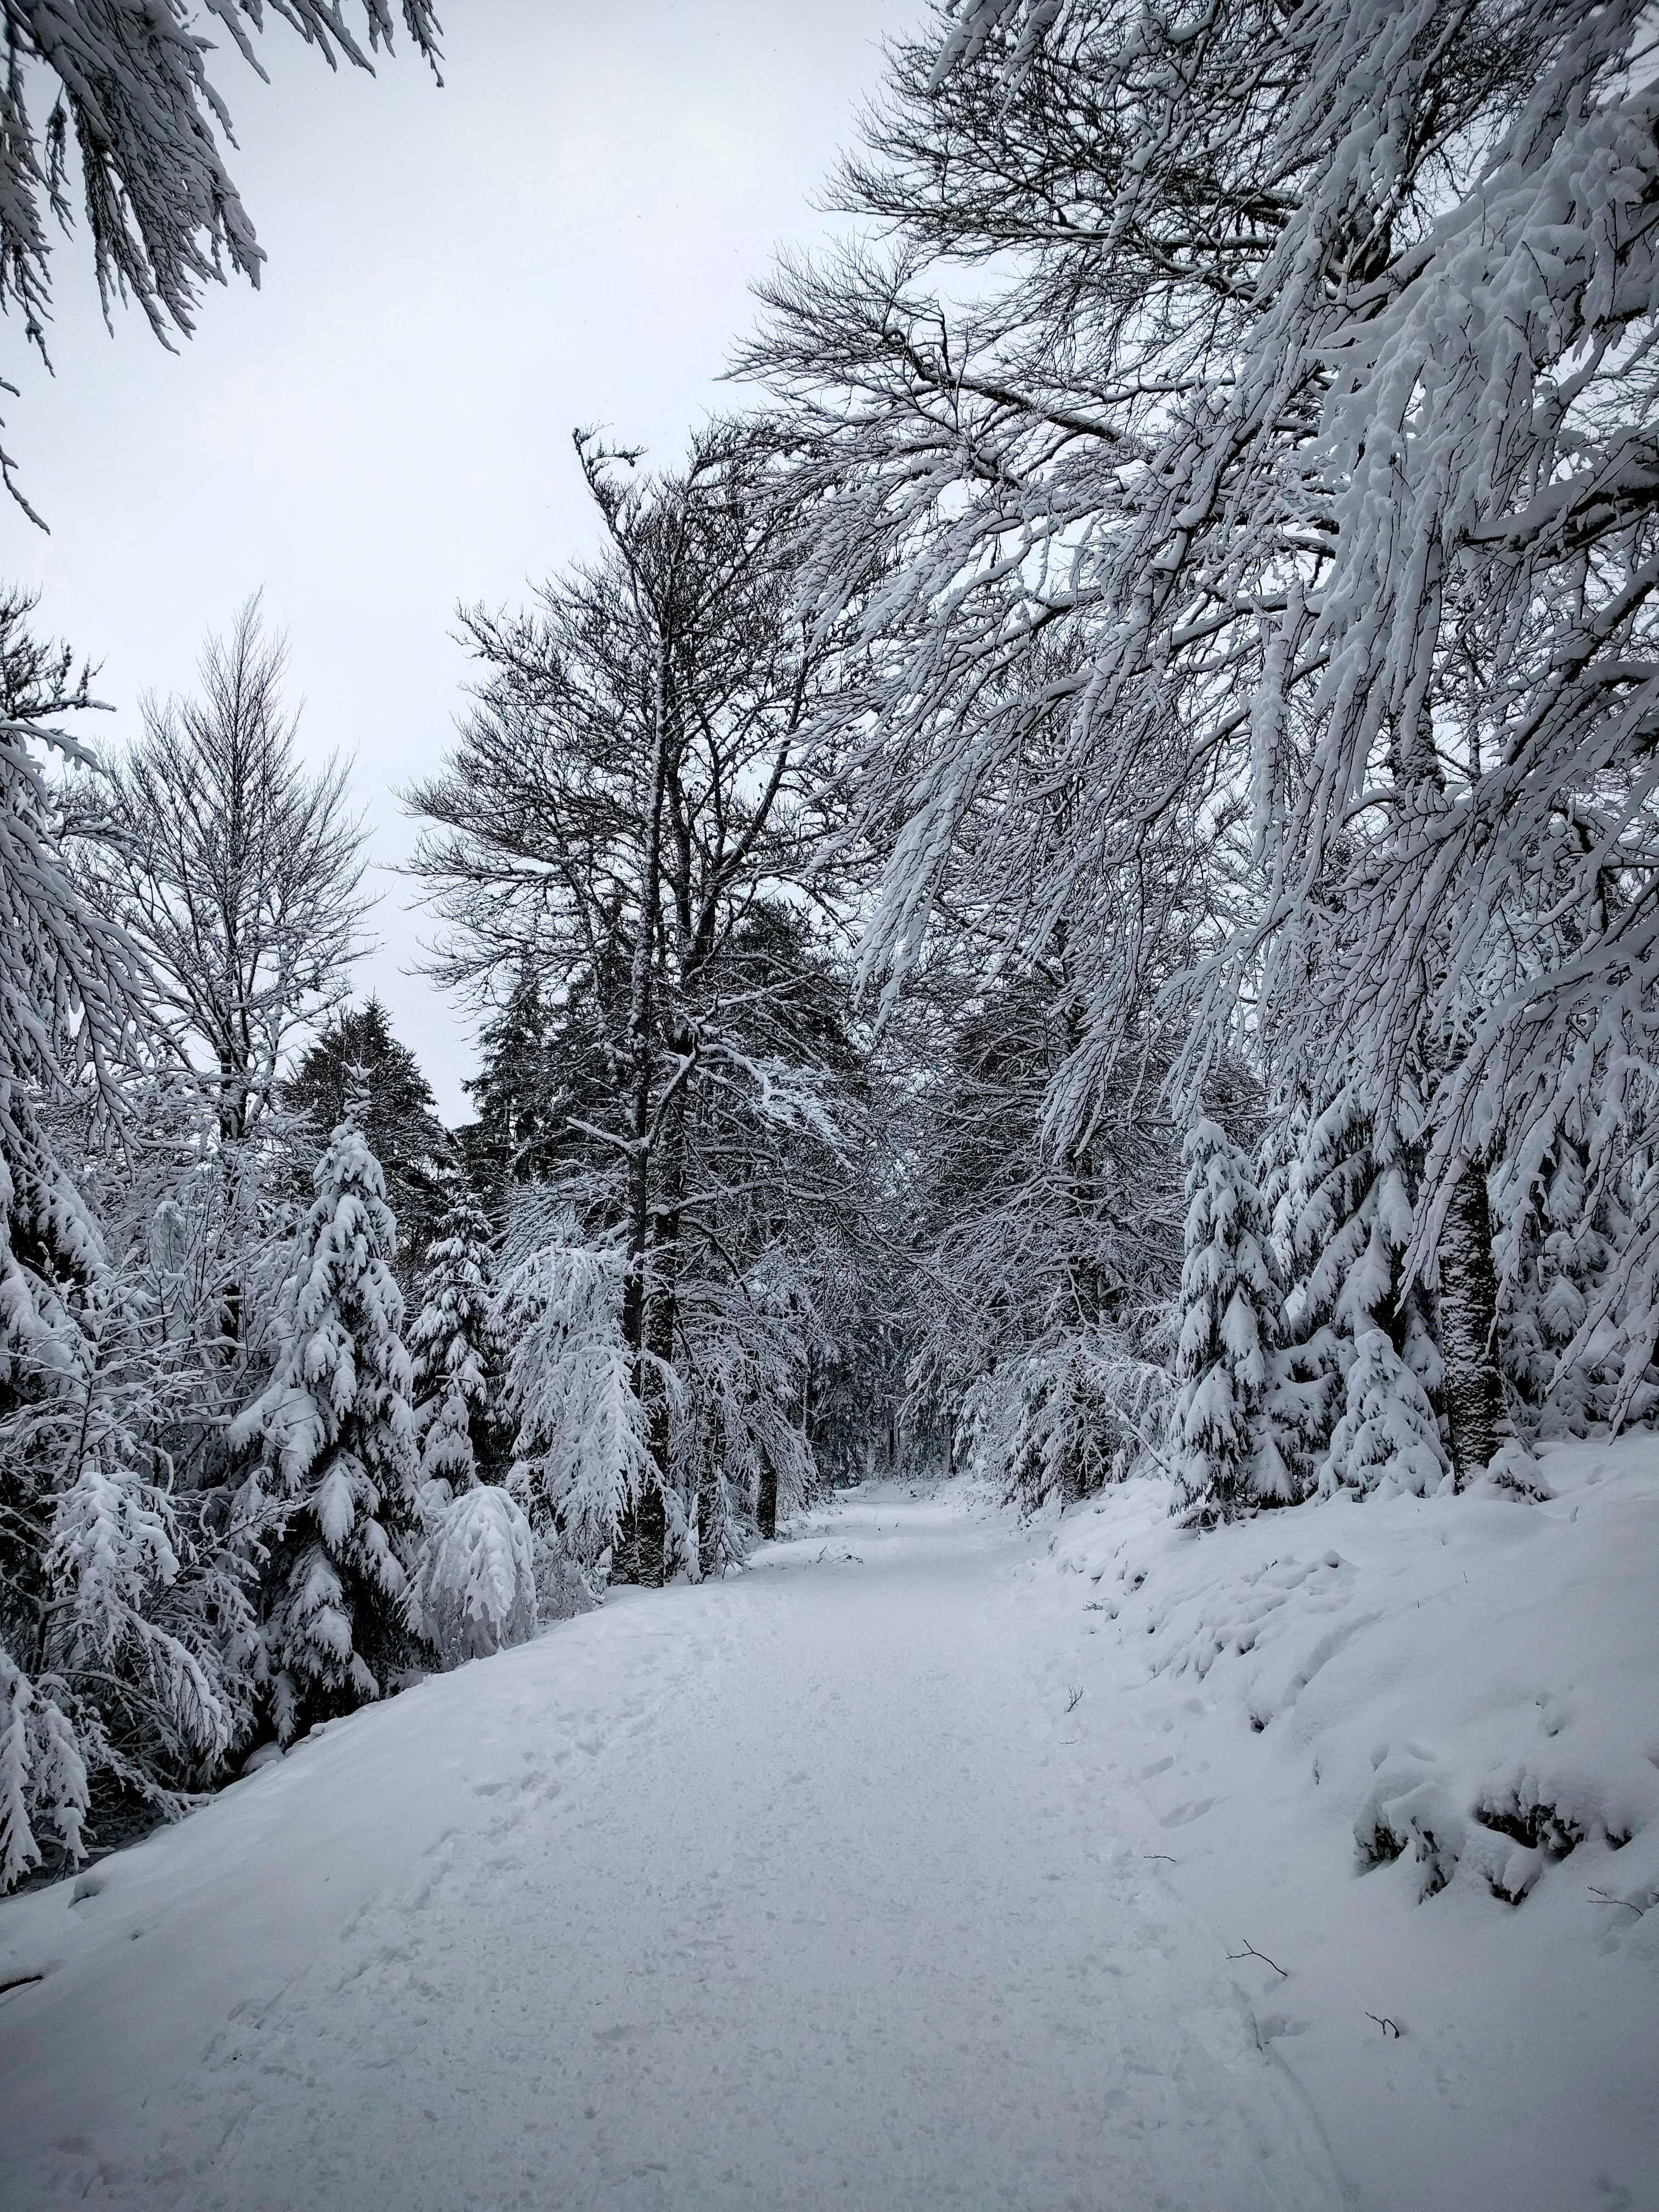 Chemin dans une forêt enneigée dans les Vosges